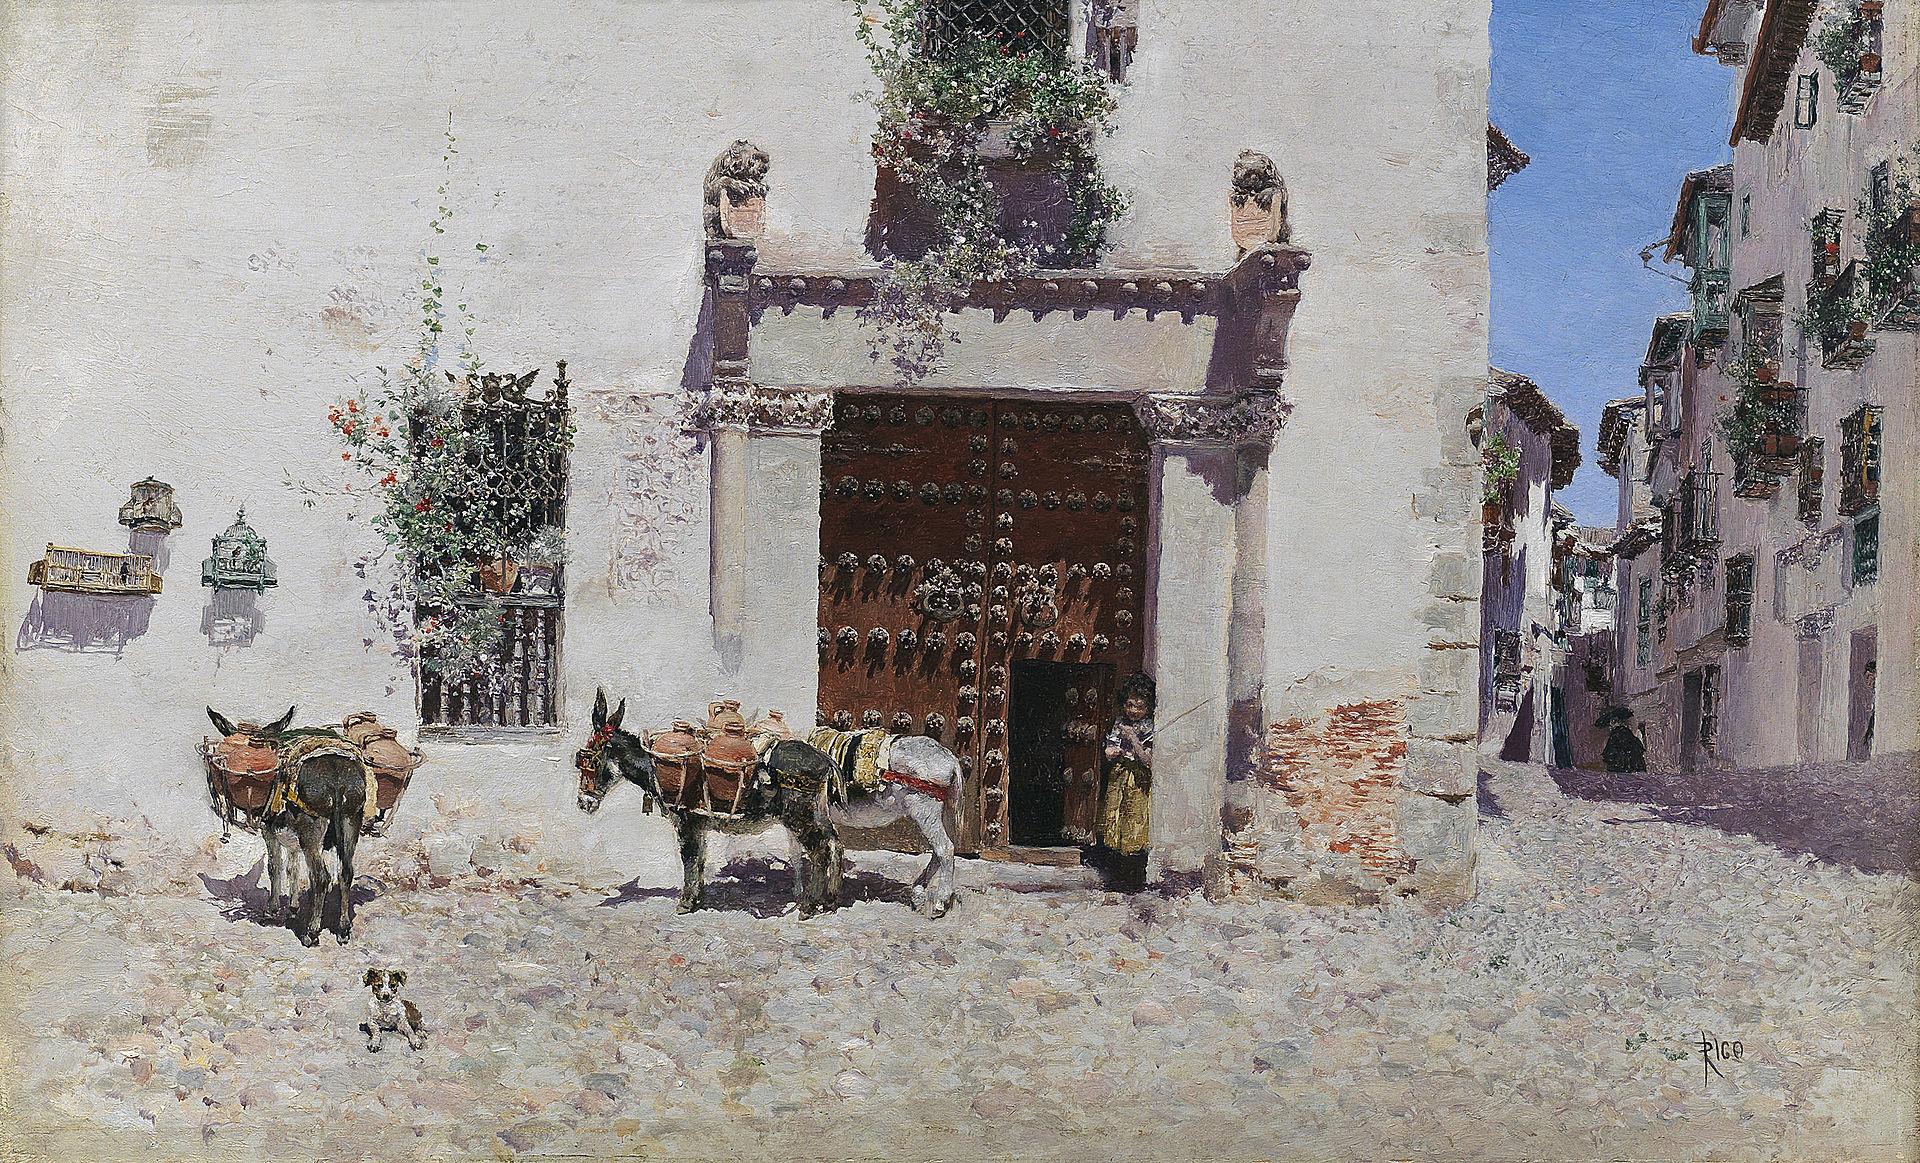 Puerta de una casa en Toledo, por Martín Rico.jpg